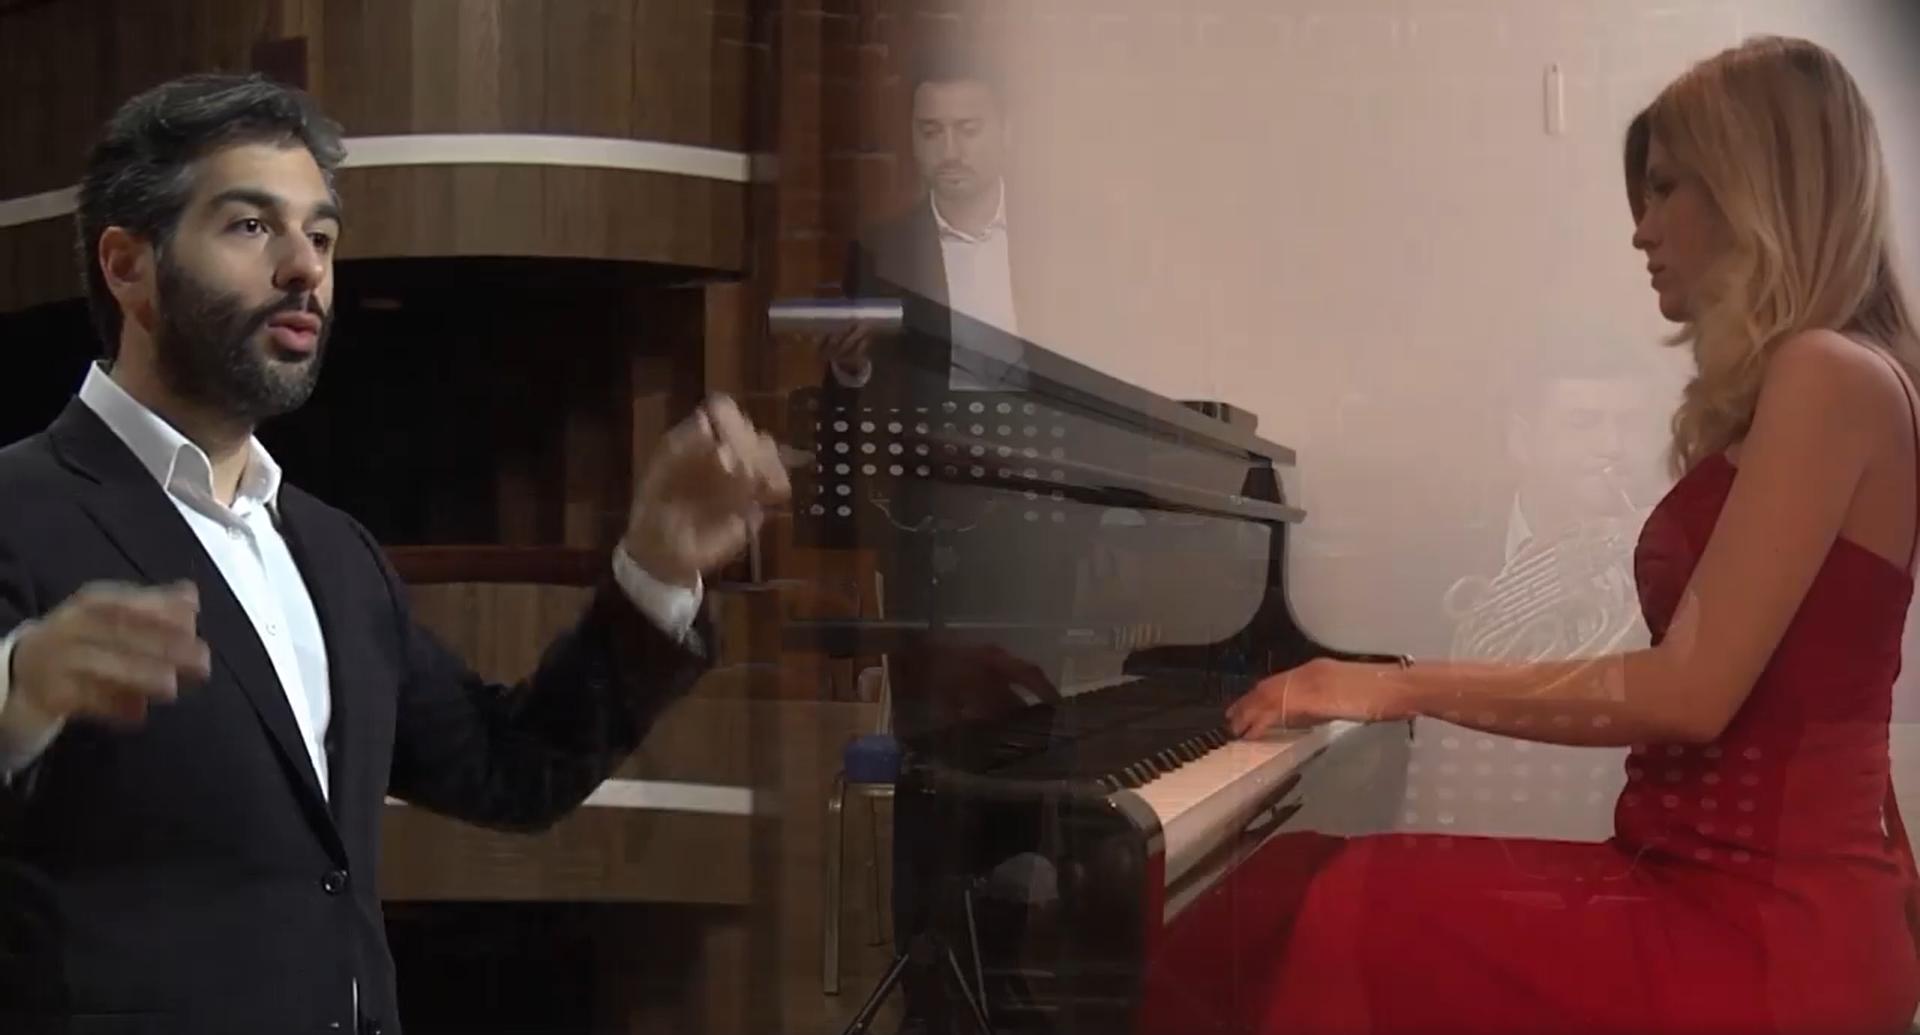 Photo of Հայ-իտալական երաժշտական ուղերձ՝ նվիրված հայ-իտալական բարեկամությանը